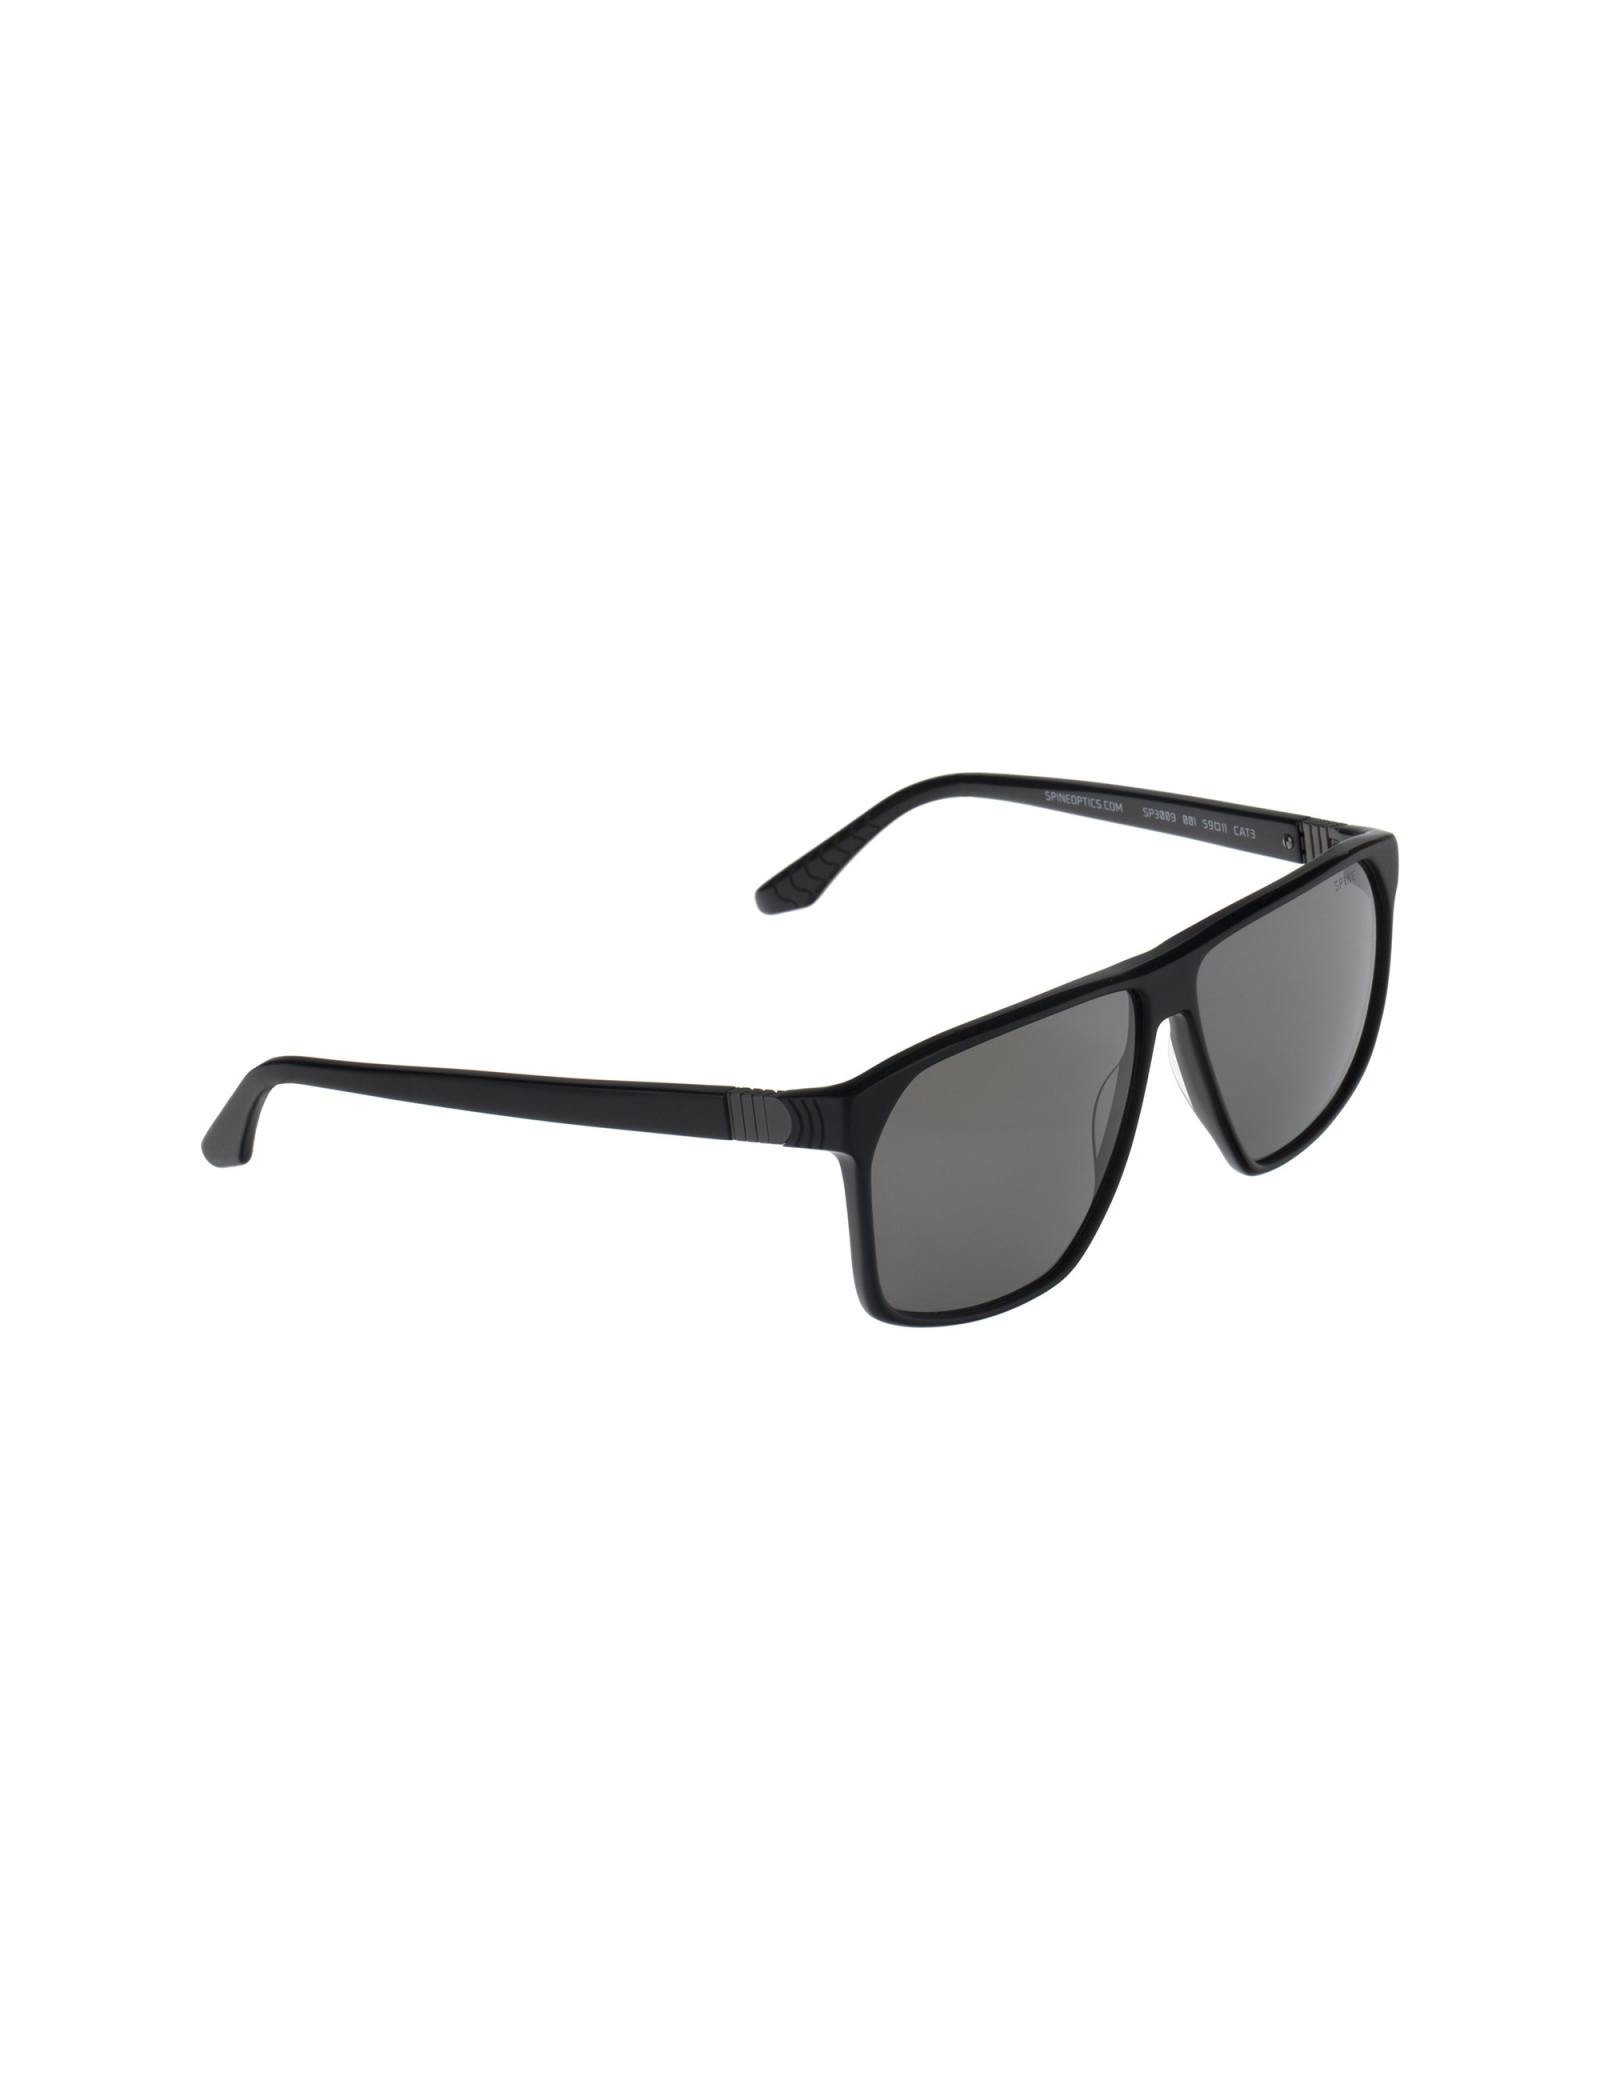 عینک آفتابی خلبانی مردانه - اسپاین - مشکي - 2